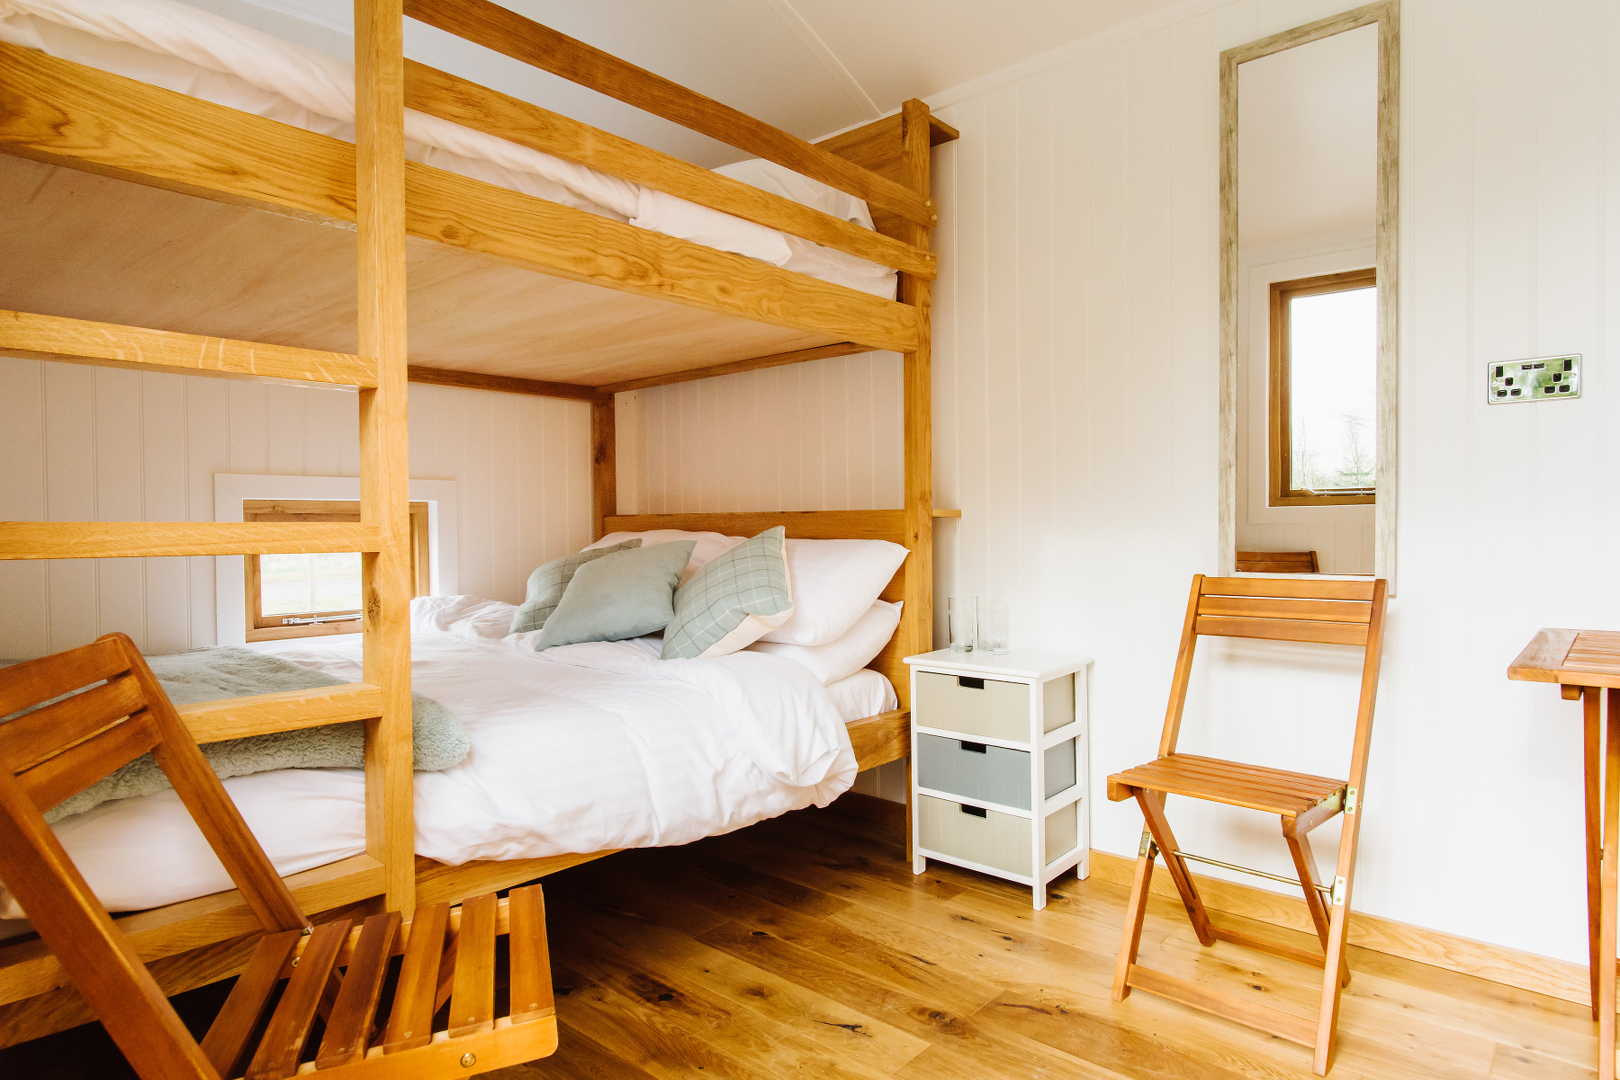 ... onde podem dormir até seis pessoasd